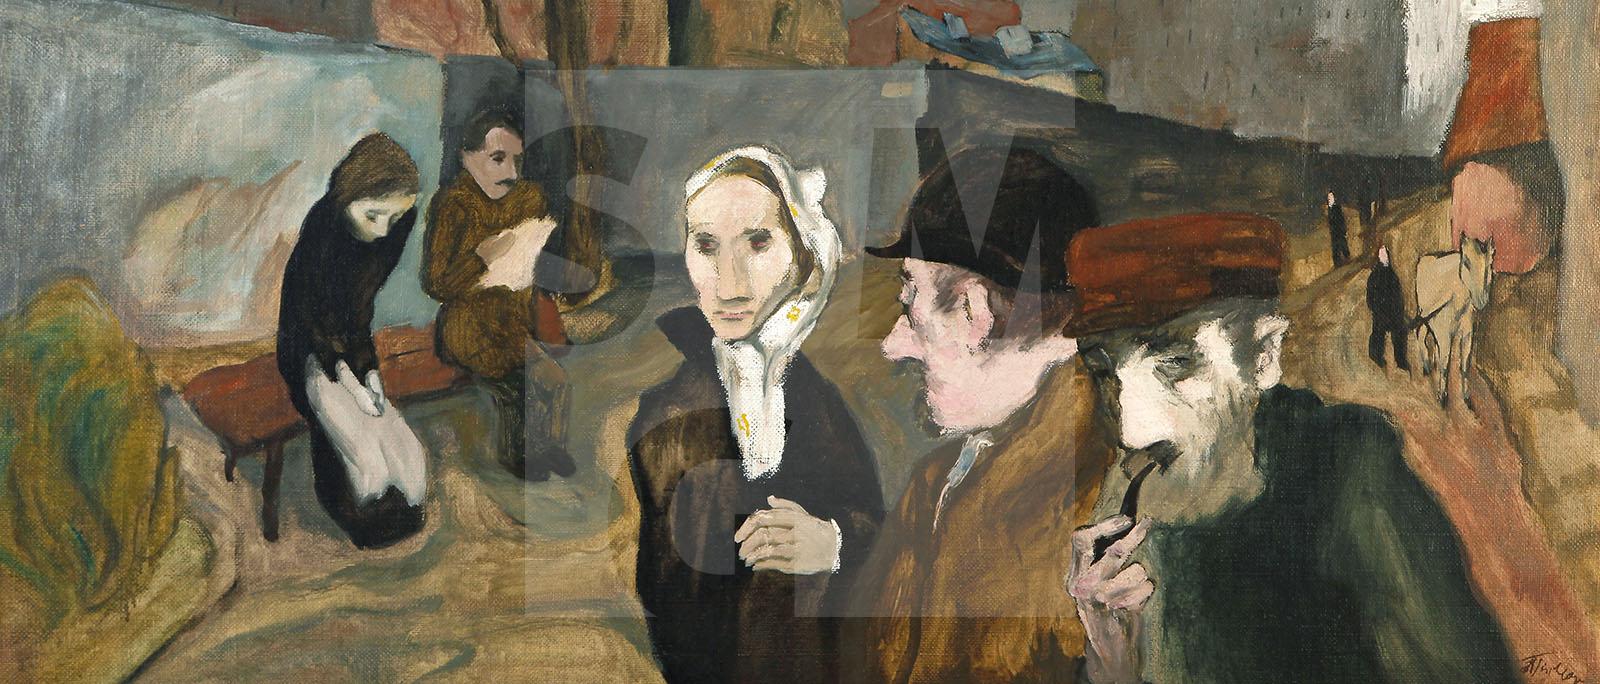 Hauptbild Kunst des 20. Jahrhunderts